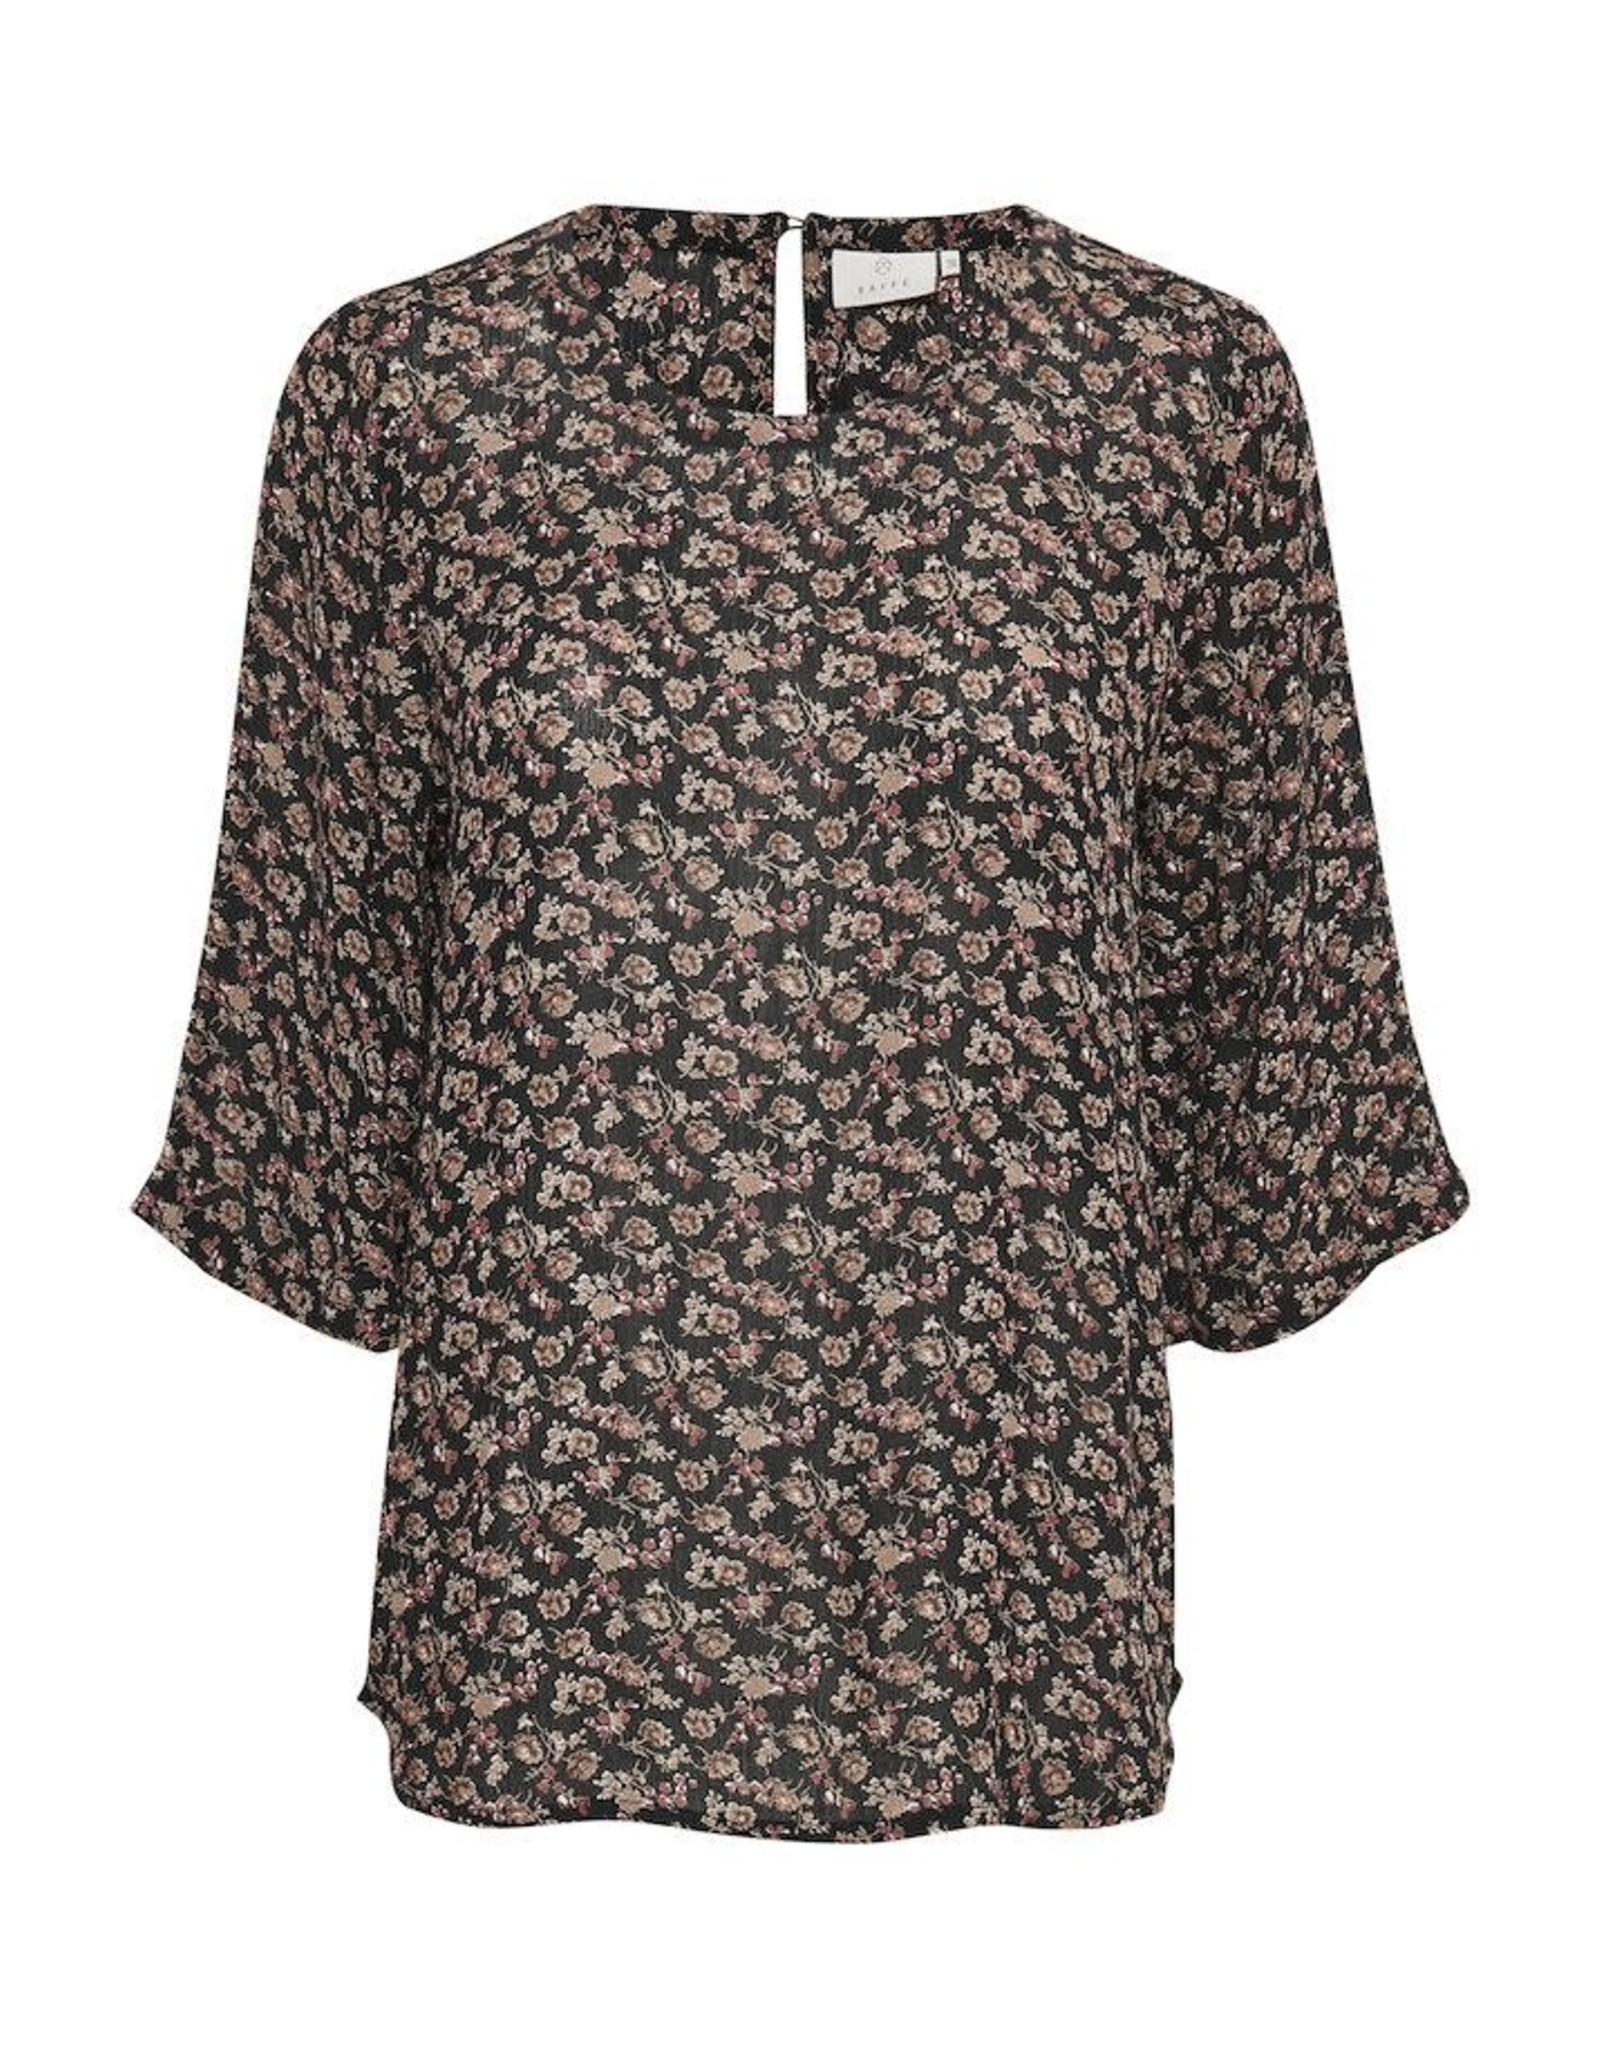 Kaffe Kaffe - Sally amber blouse (blk/brn/red)